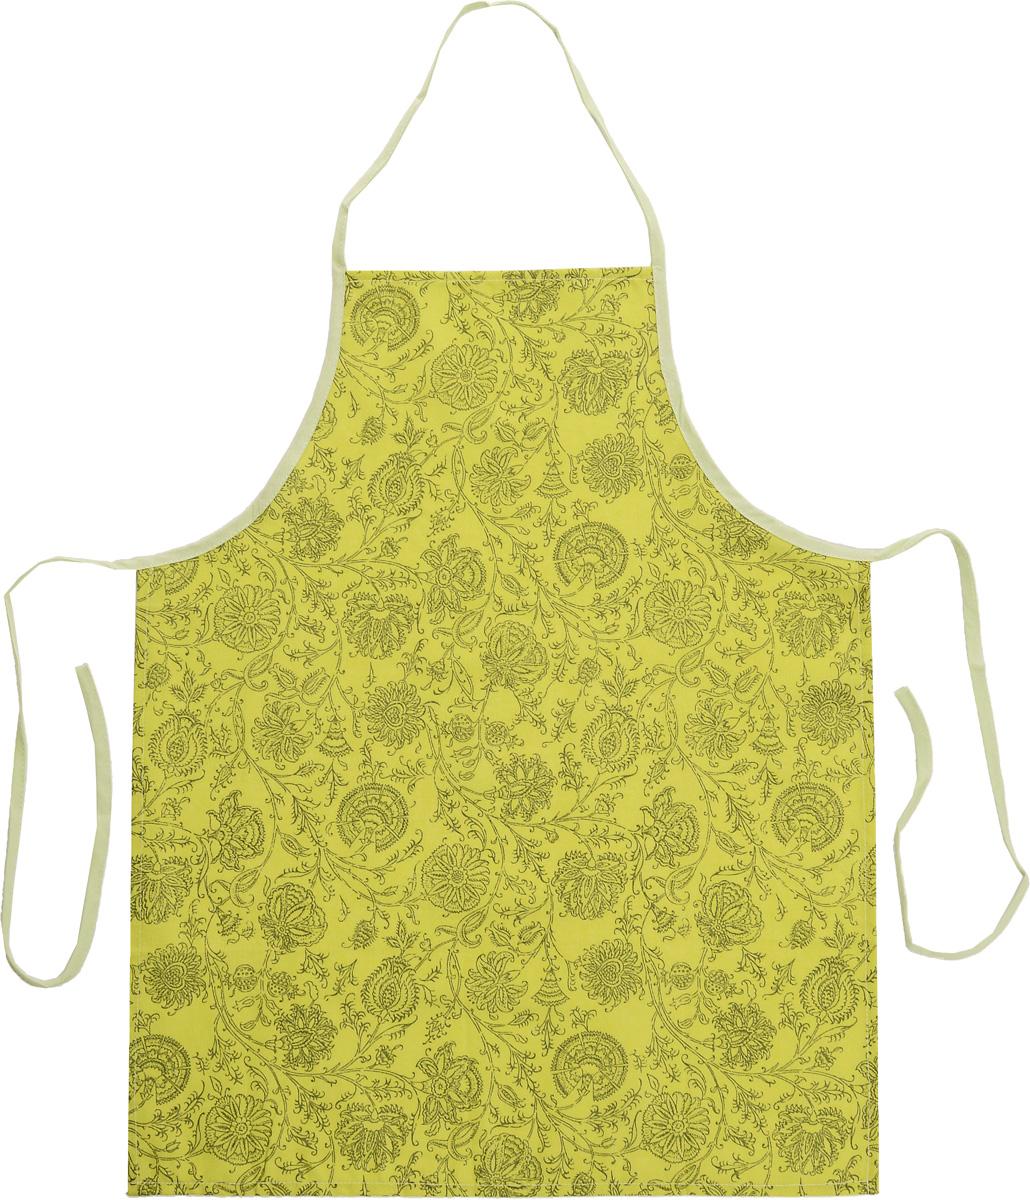 Фартук Bonita Марципан, 56 х 67 см14010815711Фартук Bonita Марципан изготовлен из натурального хлопка с покрытием, которое отталкивает грязь, воду и масло. Фартук оснащен завязками. Имеет универсальный размер. Декорирован красивым узором, который понравится любой хозяйке. Такой фартук поможет вам избежать попадания еды на одежду во время приготовления пищи. Кухня - это сердце дома, где вся семья собирается вместе. Она бережно хранит и поддерживает жизнь домашнего очага, который нас согревает. Именно поэтому так важно создать здесь атмосферу, которая не только возбудит аппетит, но и наполнит жизненной энергией. С текстилем Bonita открывается возможность не только каждый день дарить кухне новый облик, но и создавать настоящие кулинарные шедевры. Bonita станет незаменимым помощником и идейным вдохновителем, создающим вкусное настроение на вашей кухне.